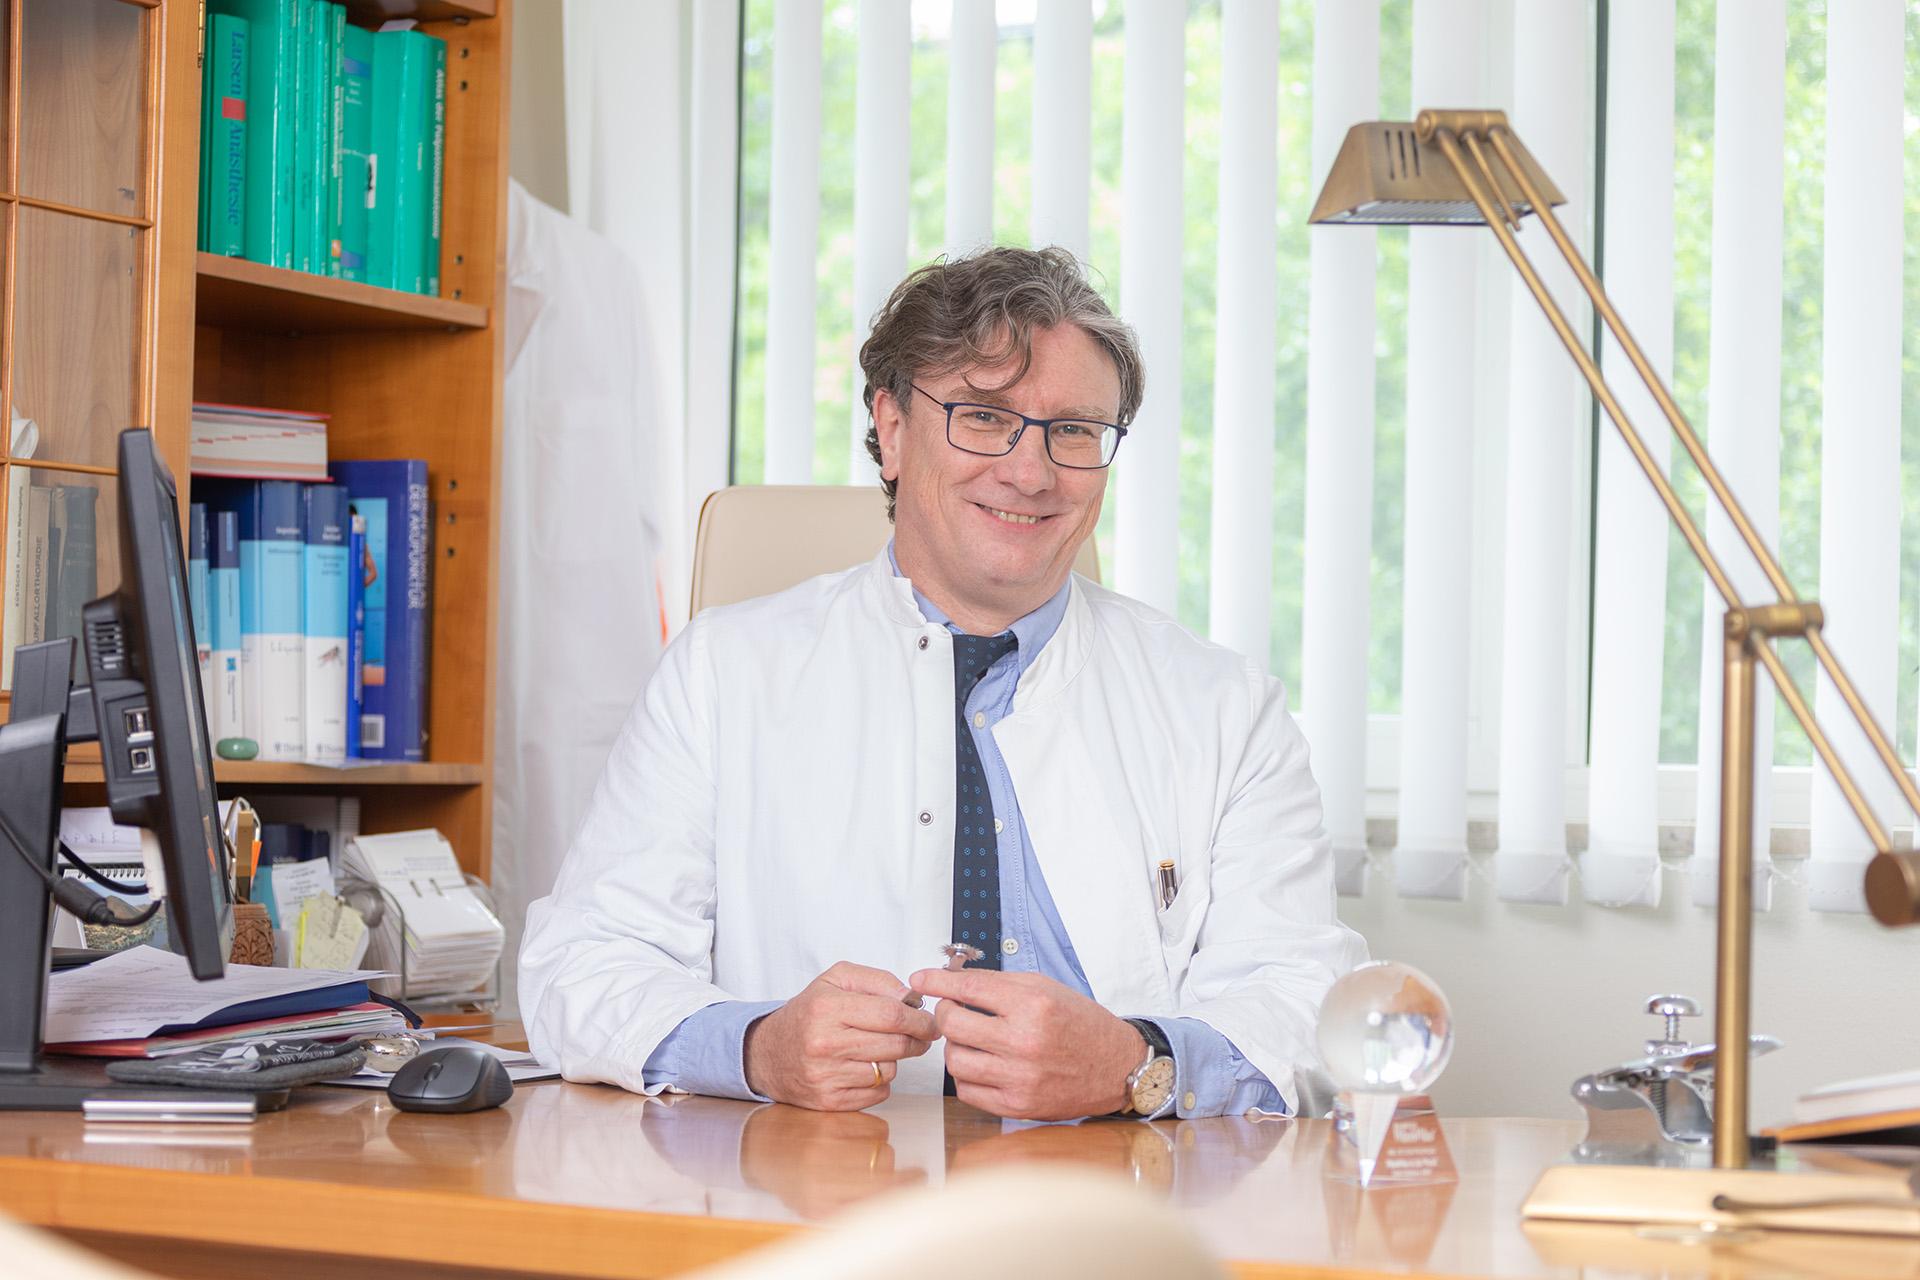 praxis-schoenau_dr-wienert2